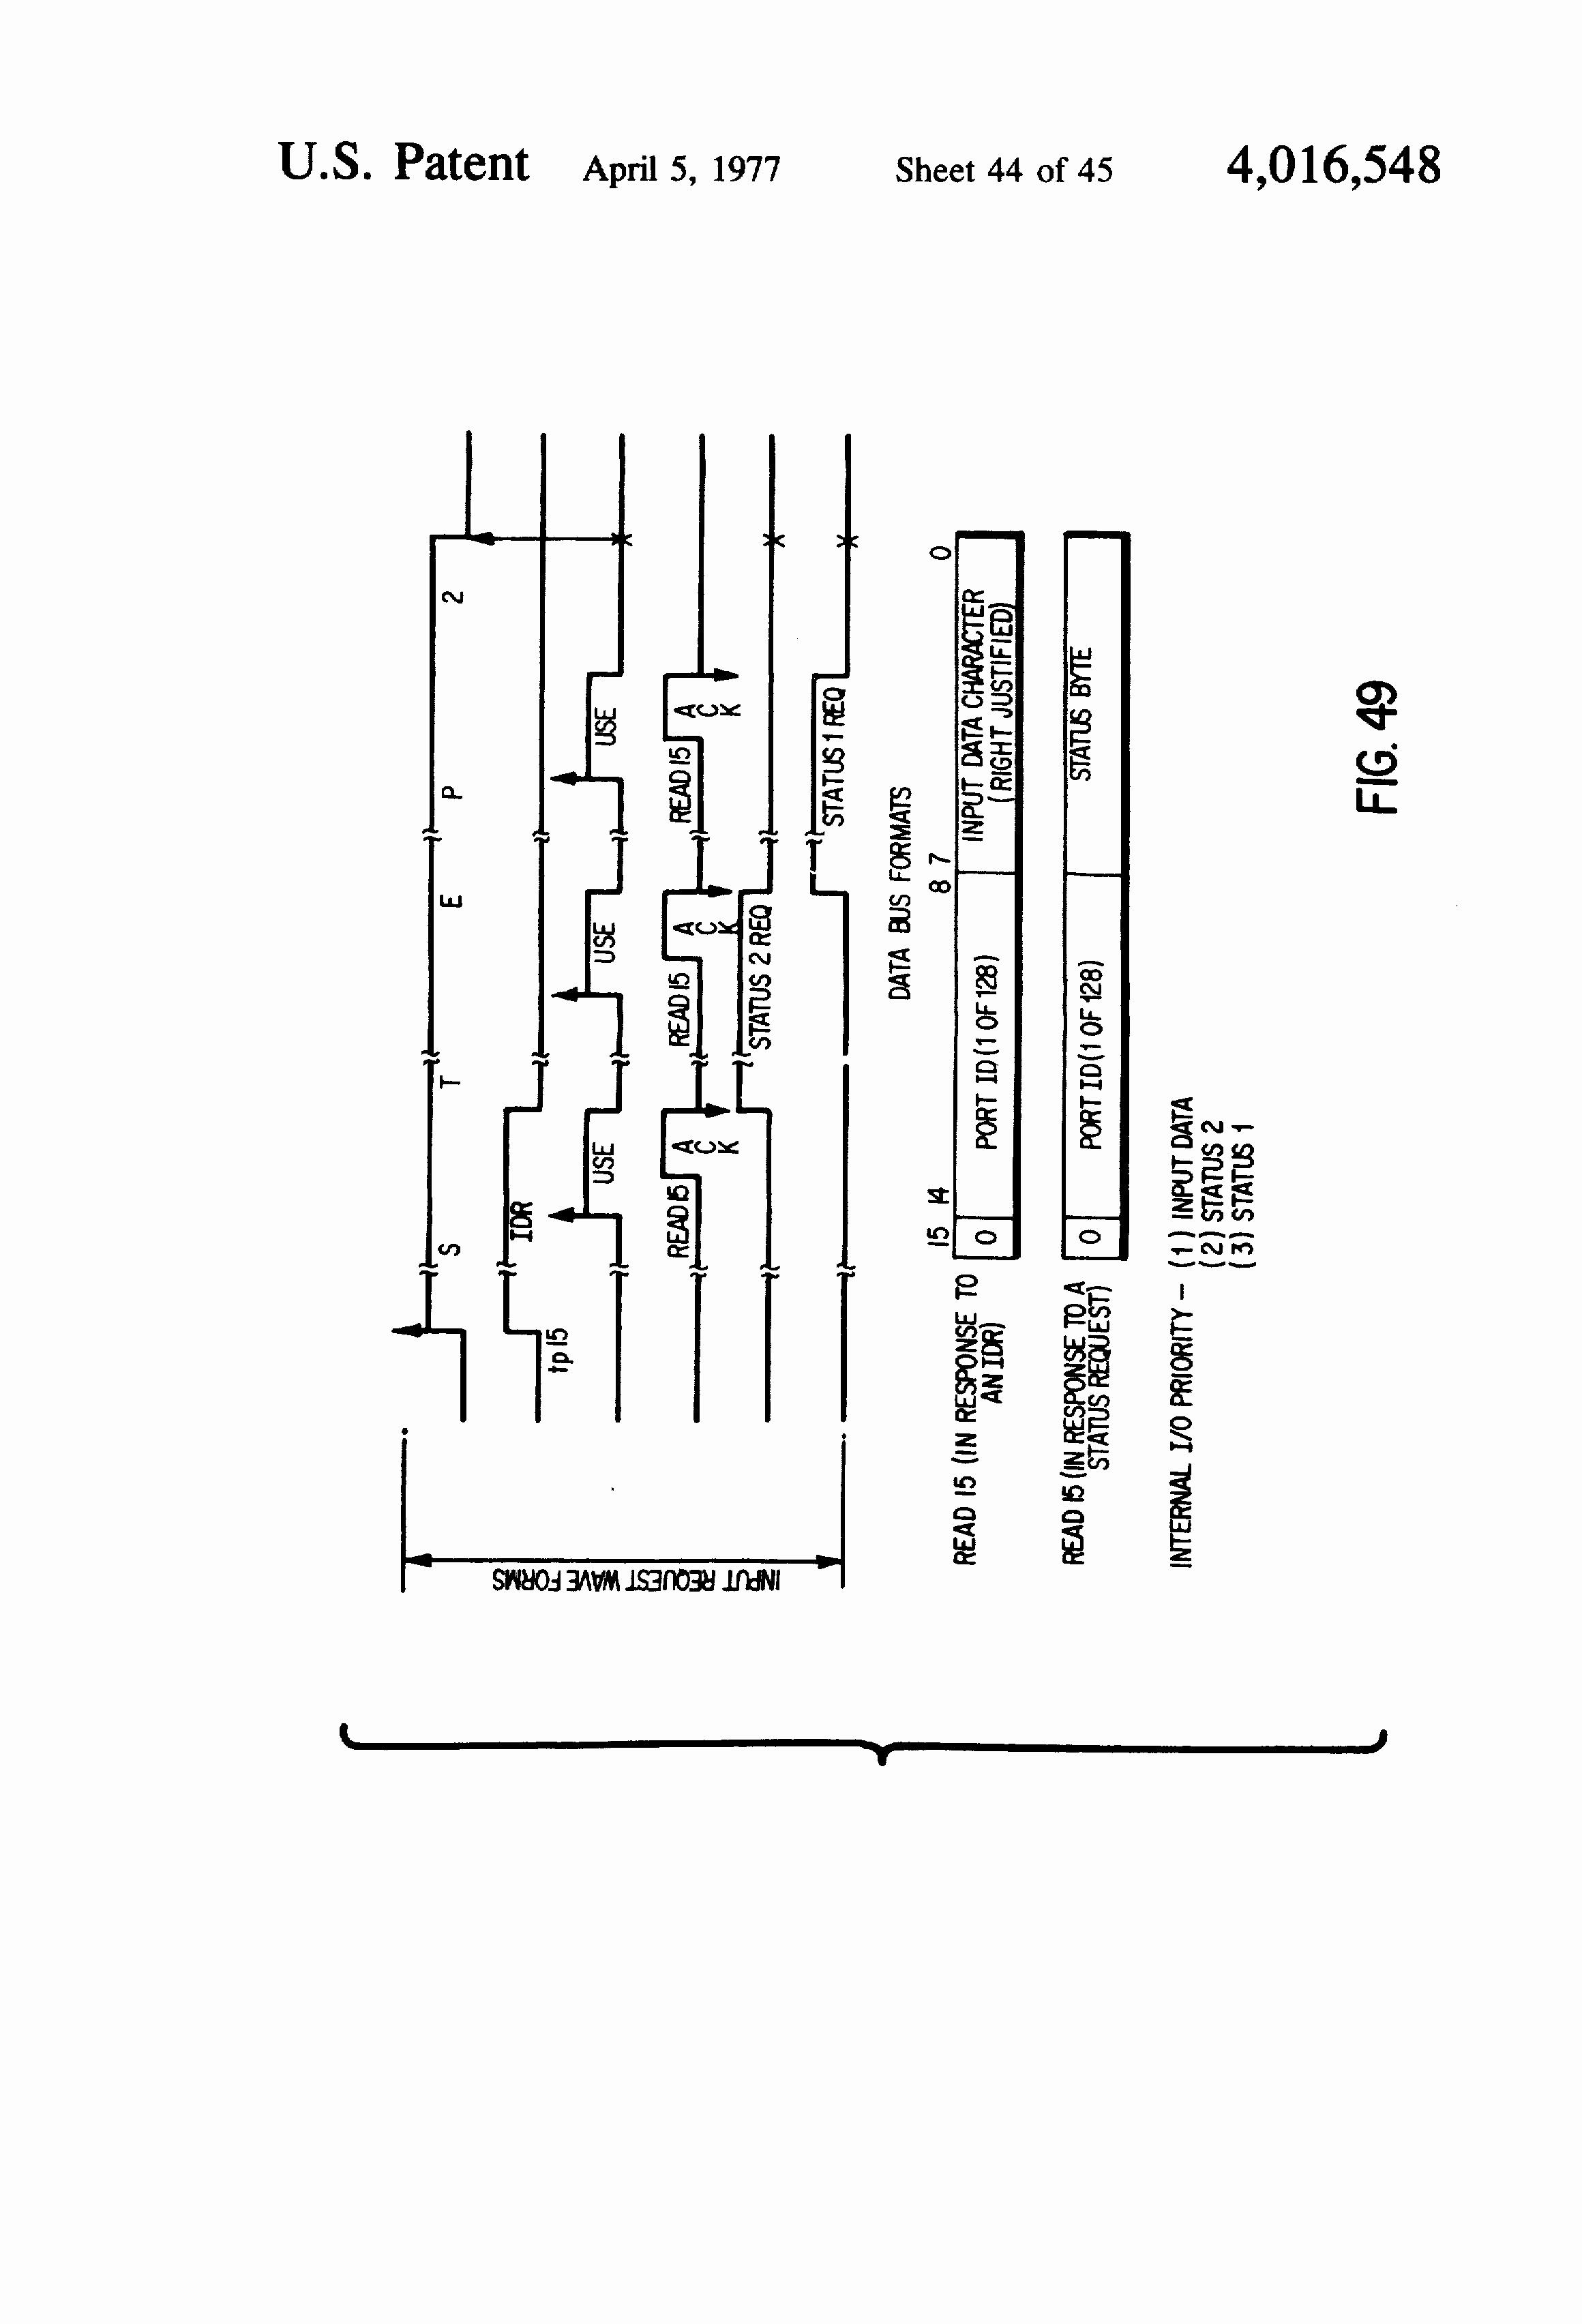 Kenwood Kdc 128 Wiring Diagram | Wiring Diagram - Kenwood Kdc 210U Wiring Diagram